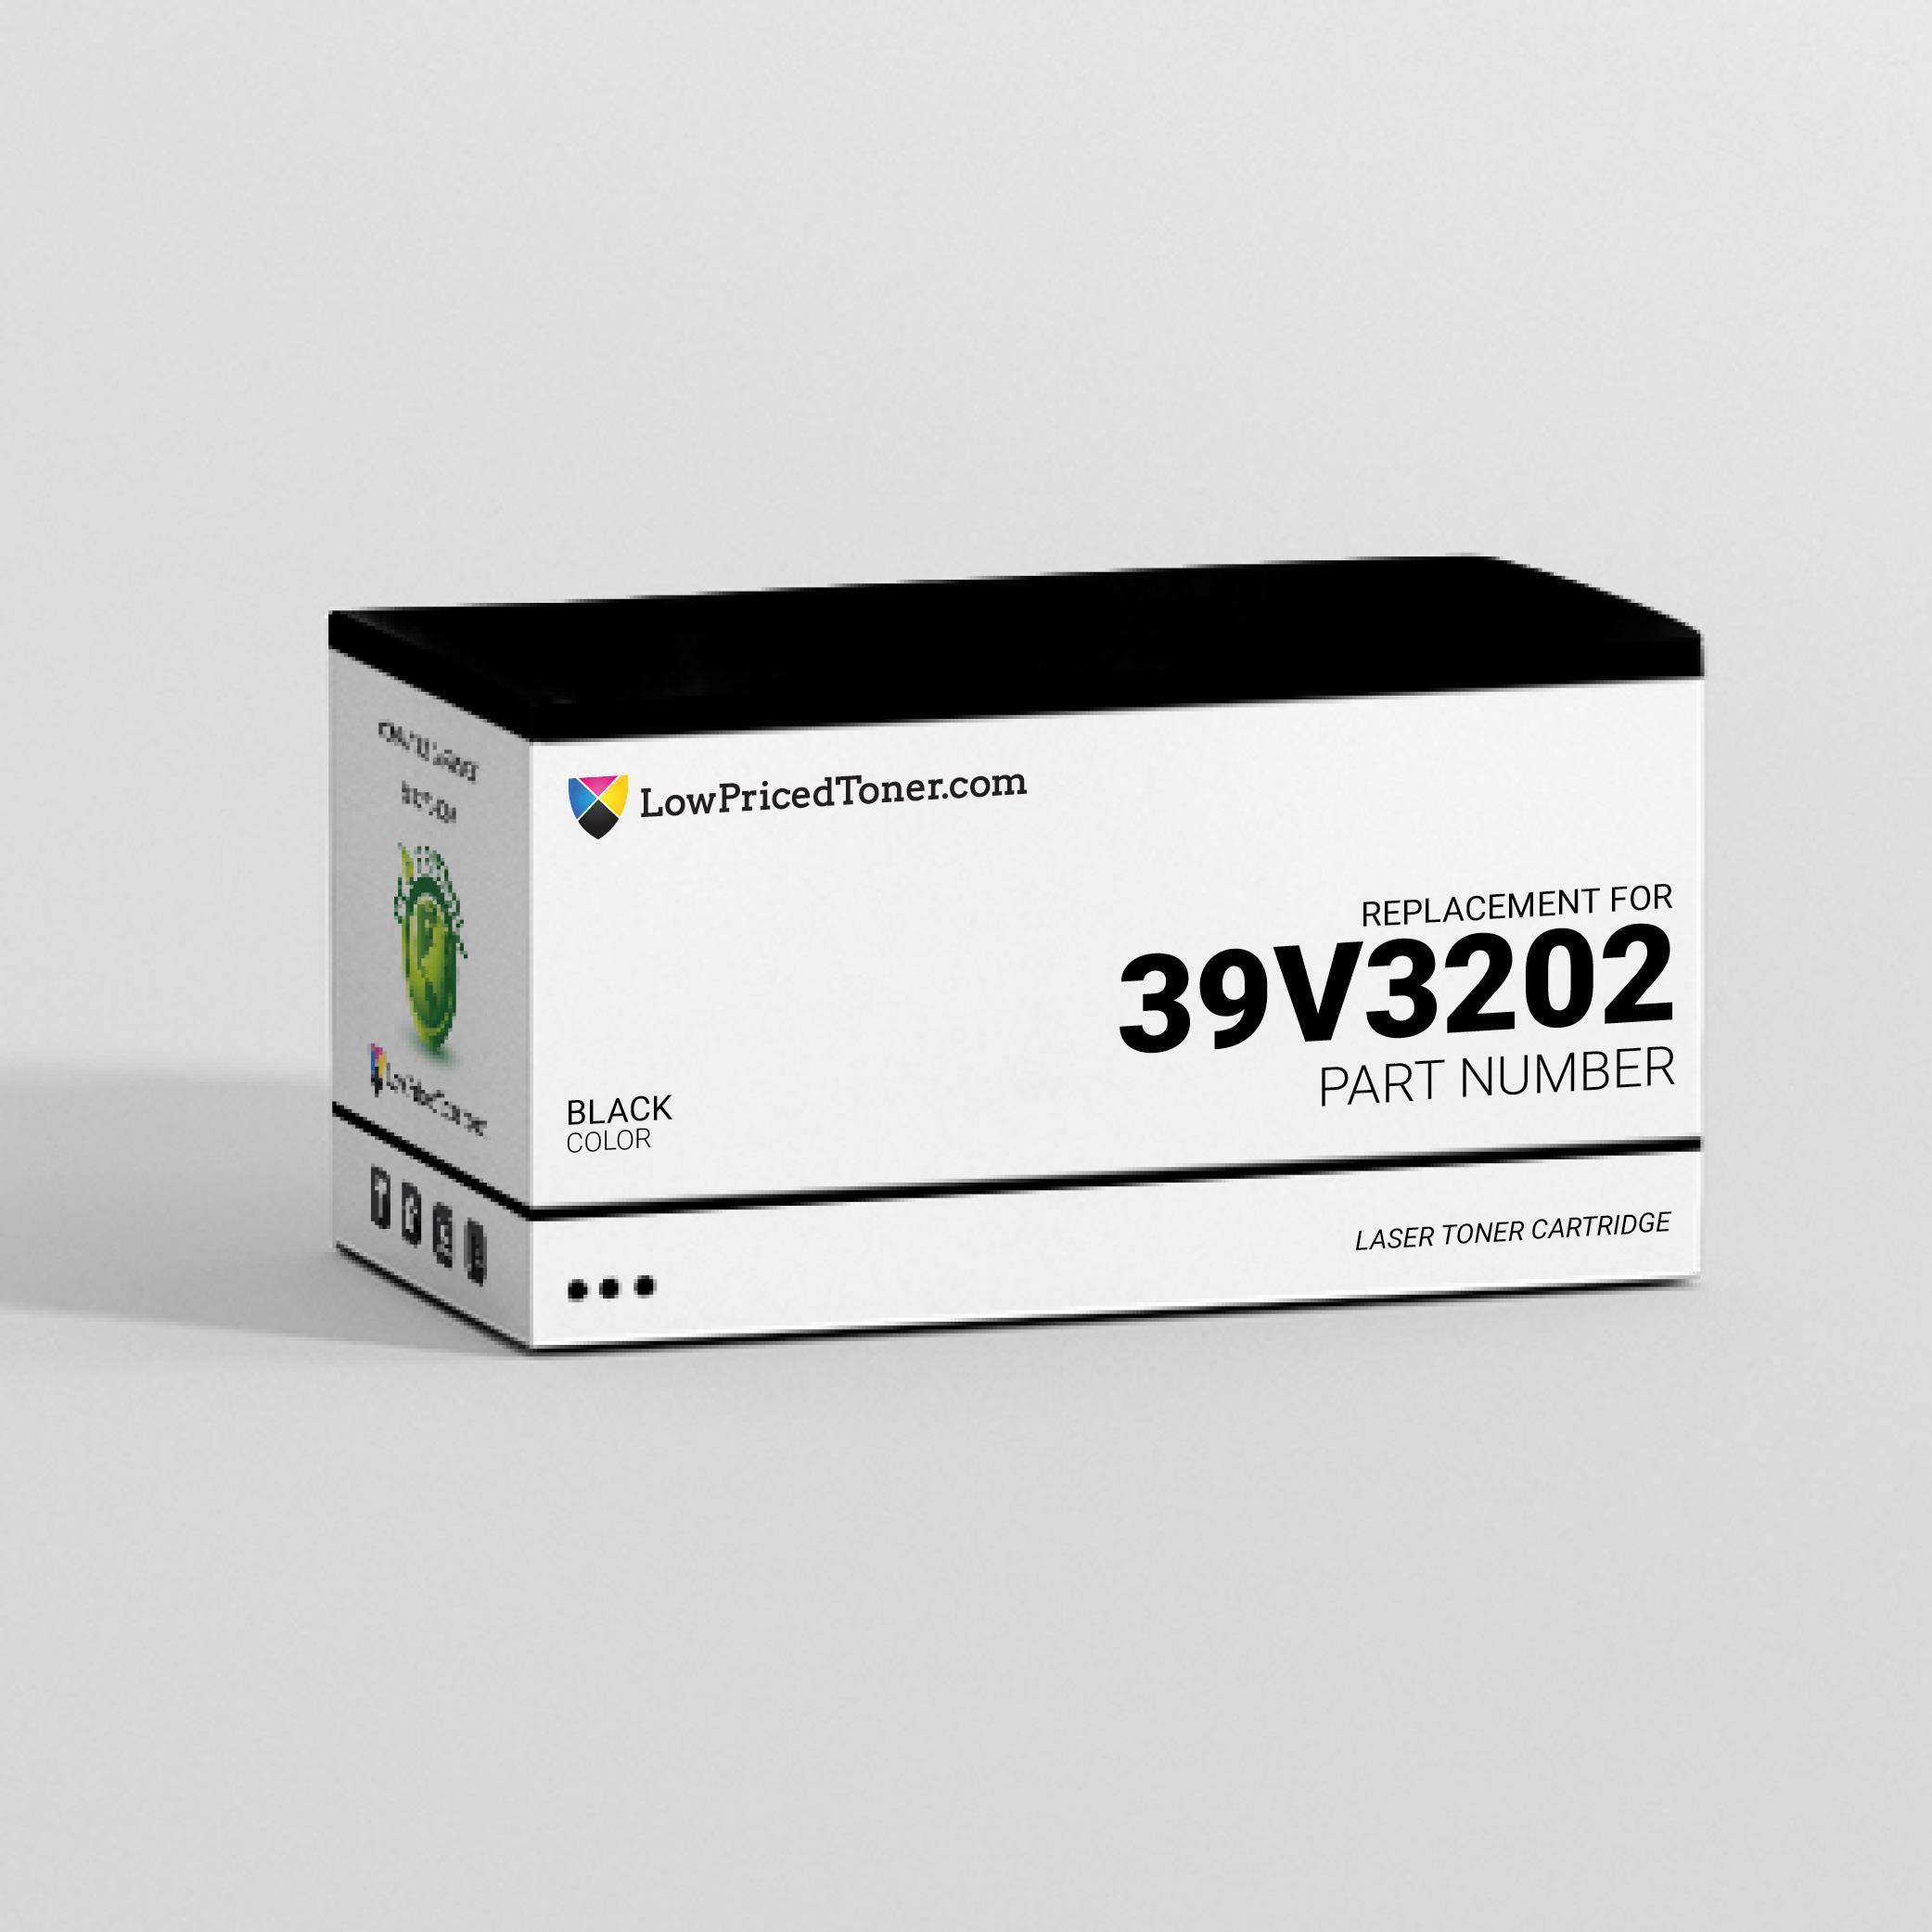 IBM 39V3202 Remanufactured Black Laser Toner Cartridge